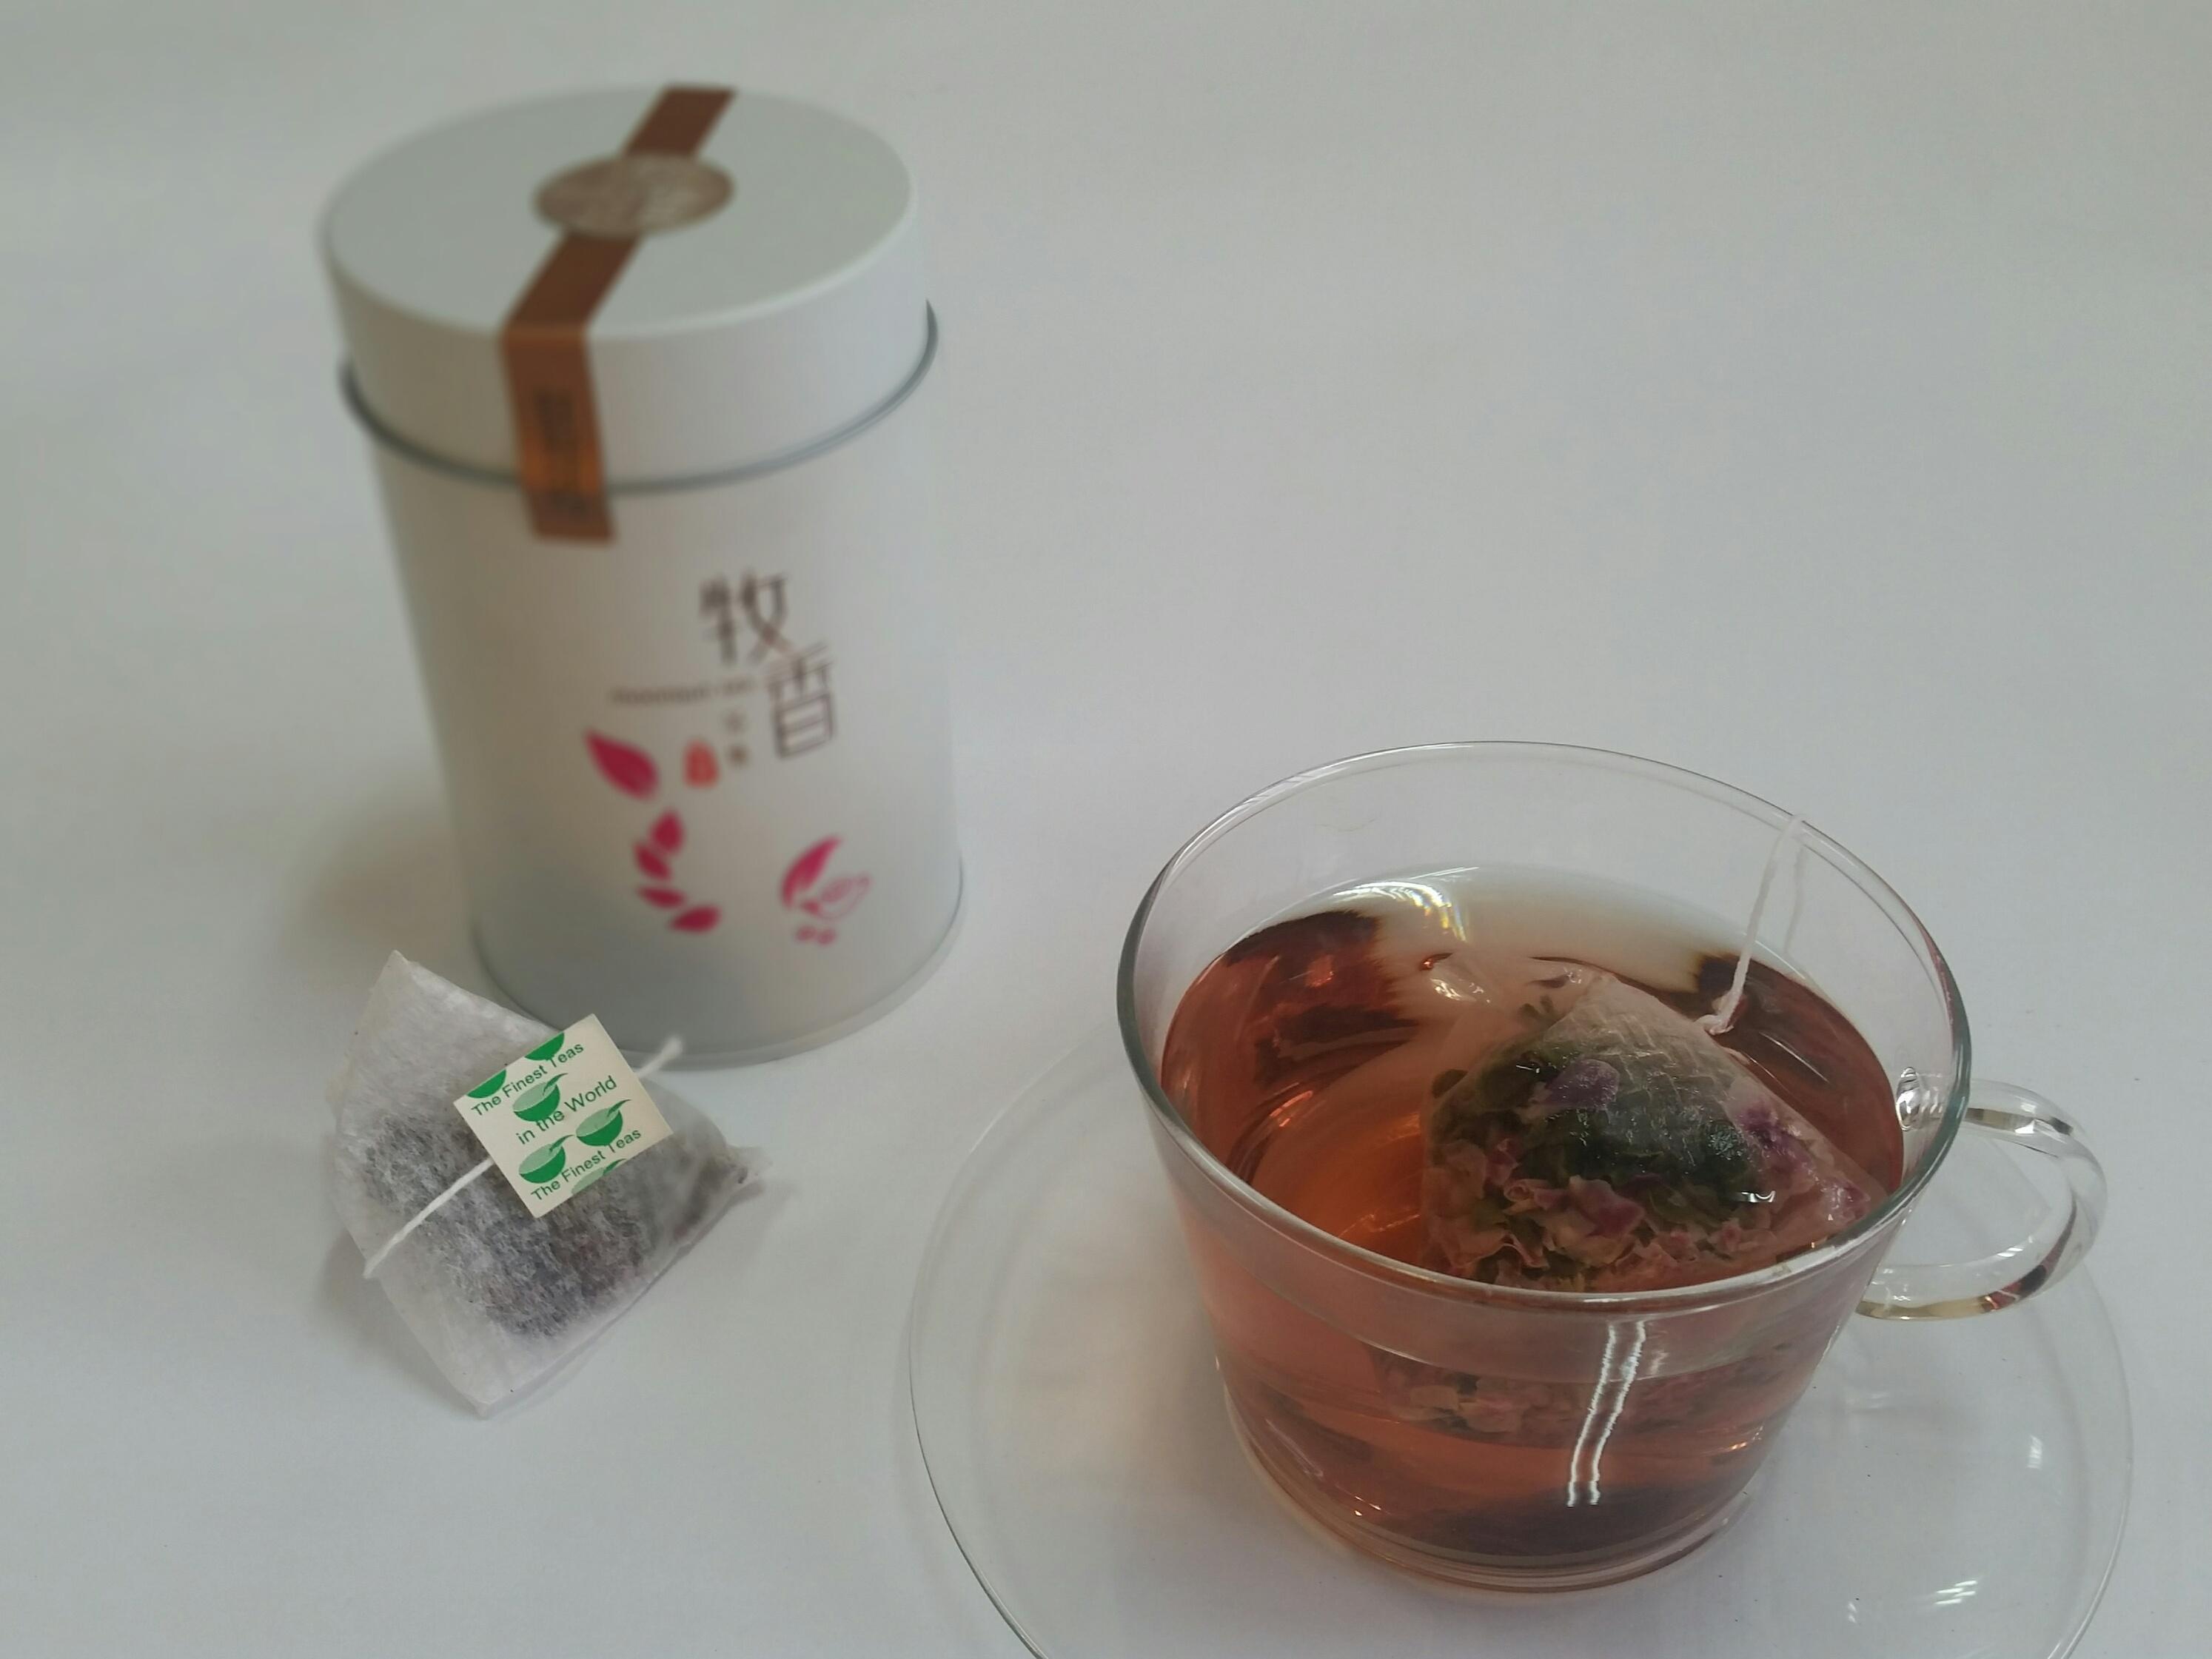 『牧香茶集台灣高山茶』有機玫瑰烏龍茶嚐鮮罐8入